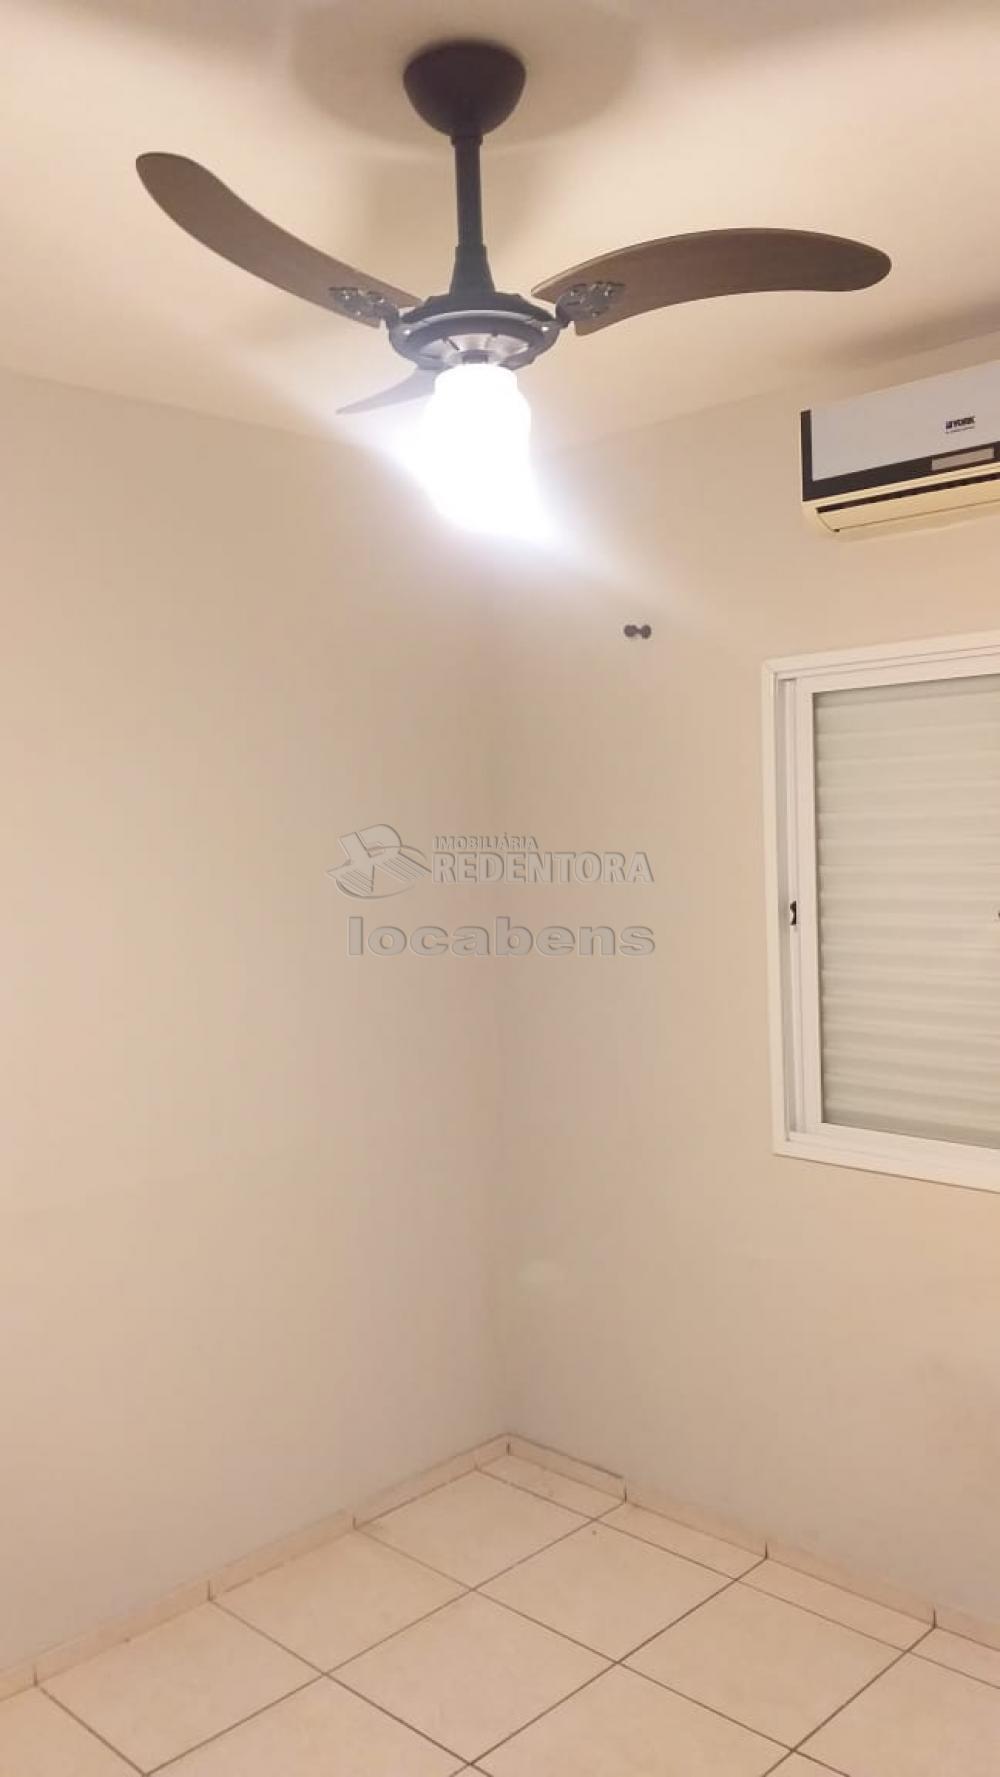 Alugar Apartamento / Padrão em São José do Rio Preto R$ 550,00 - Foto 18